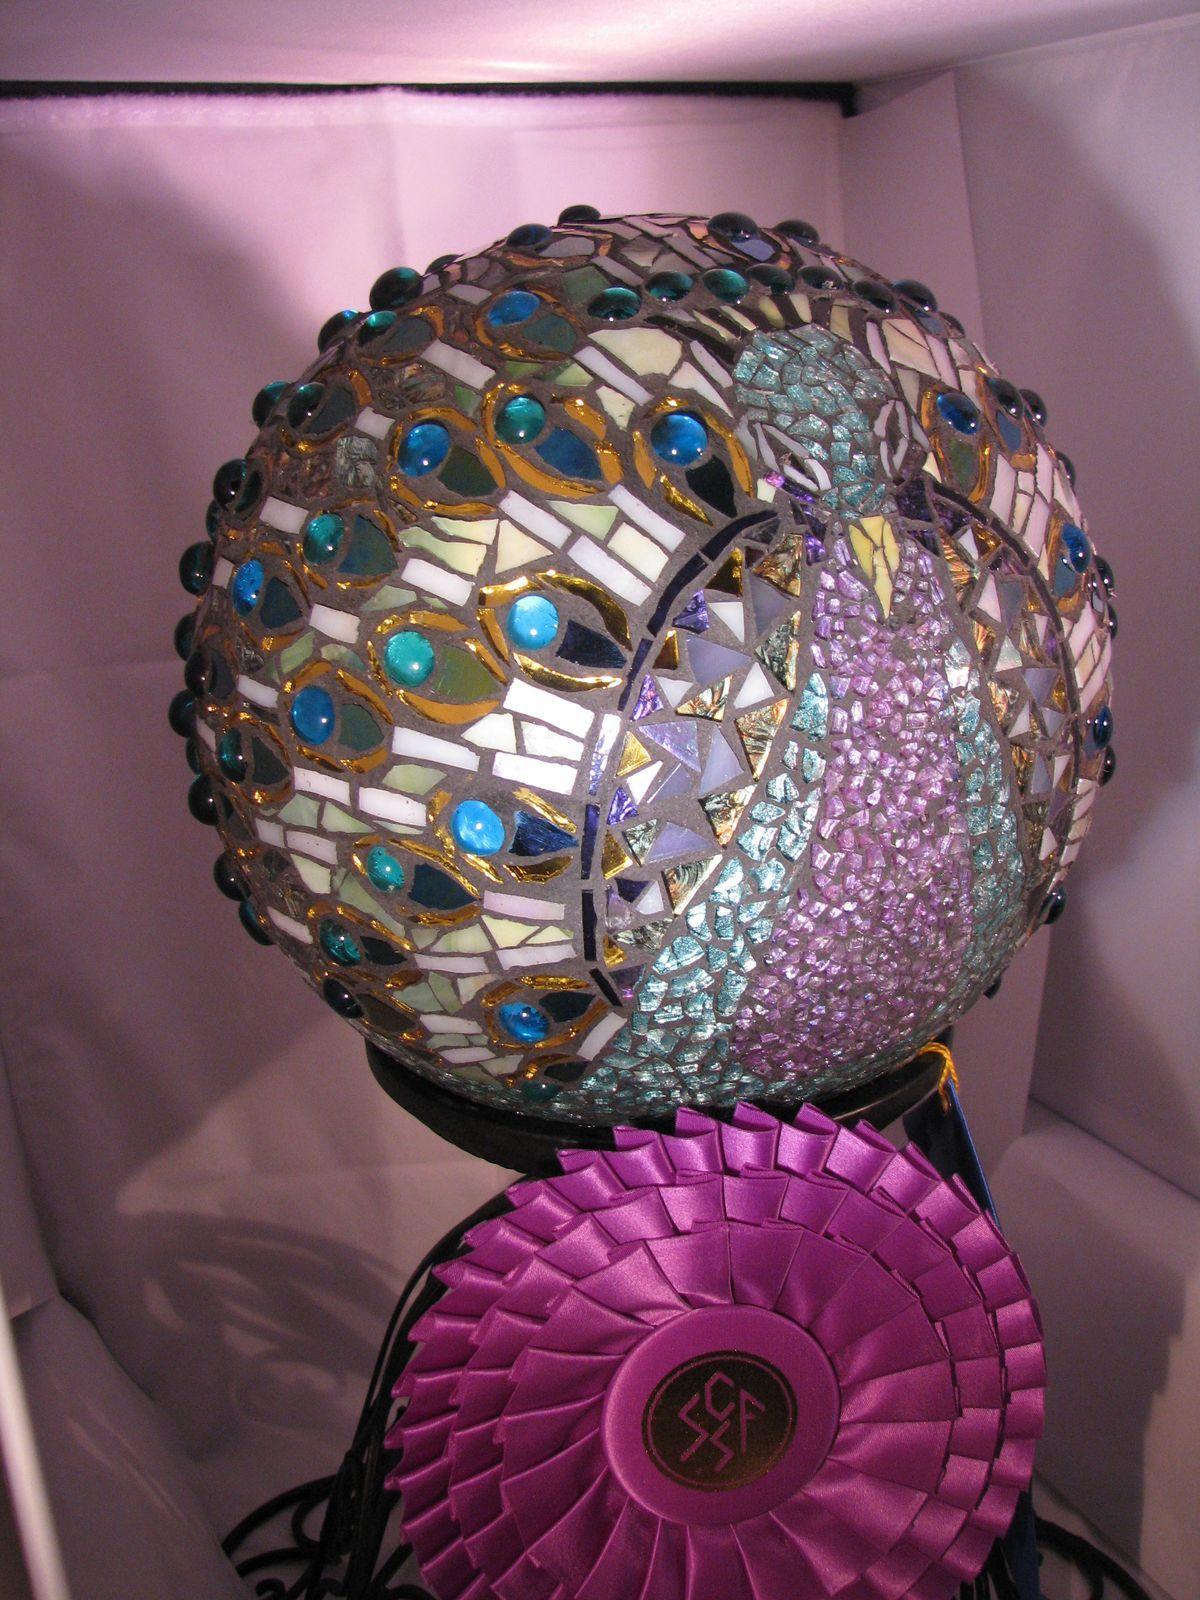 Sphere Mosaic